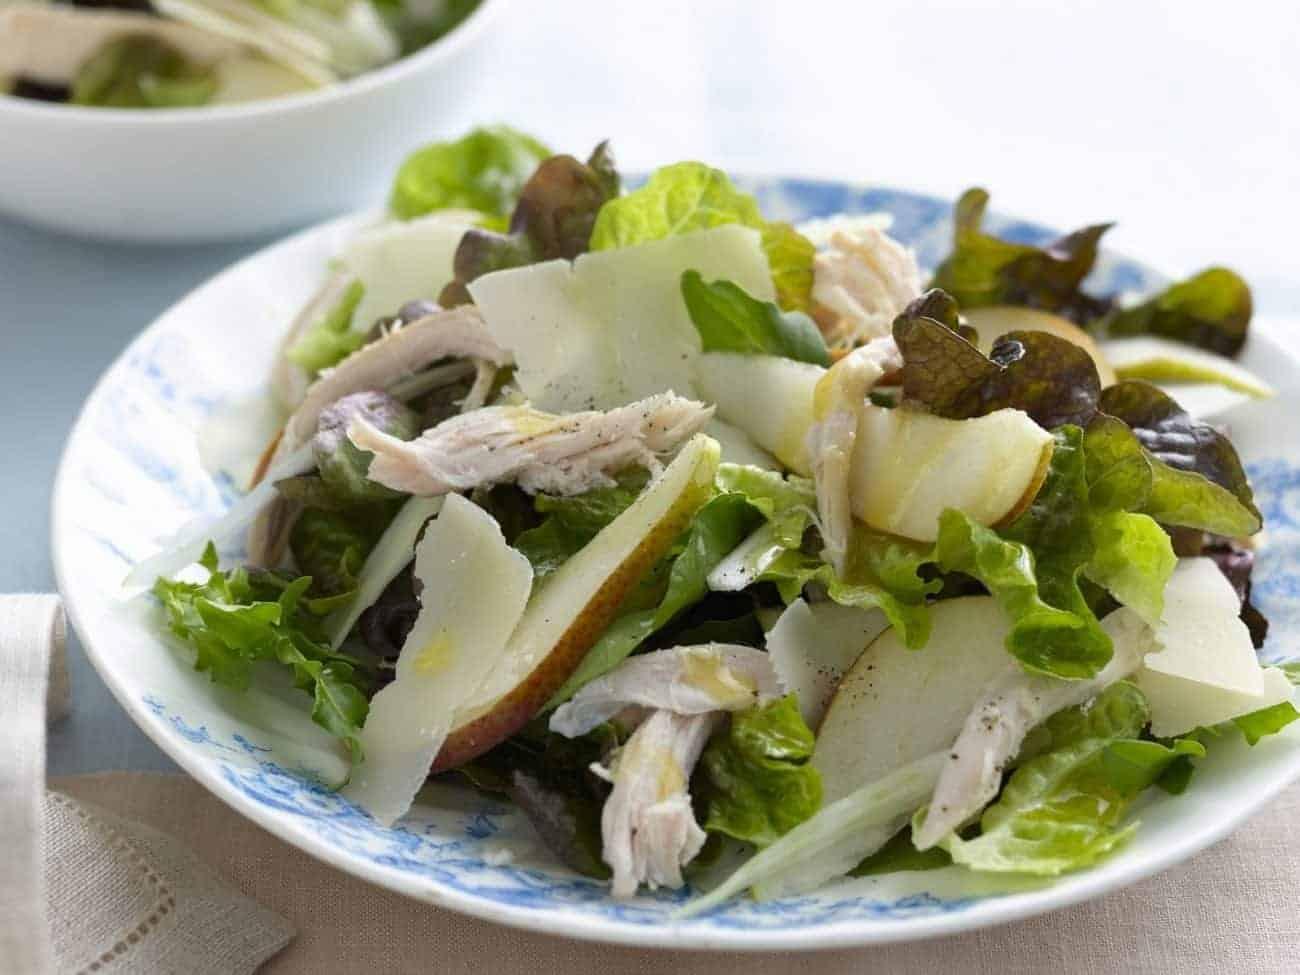 Grüner Salat mit Hähnchen und Buttermilch-Orangensaft-Dressing